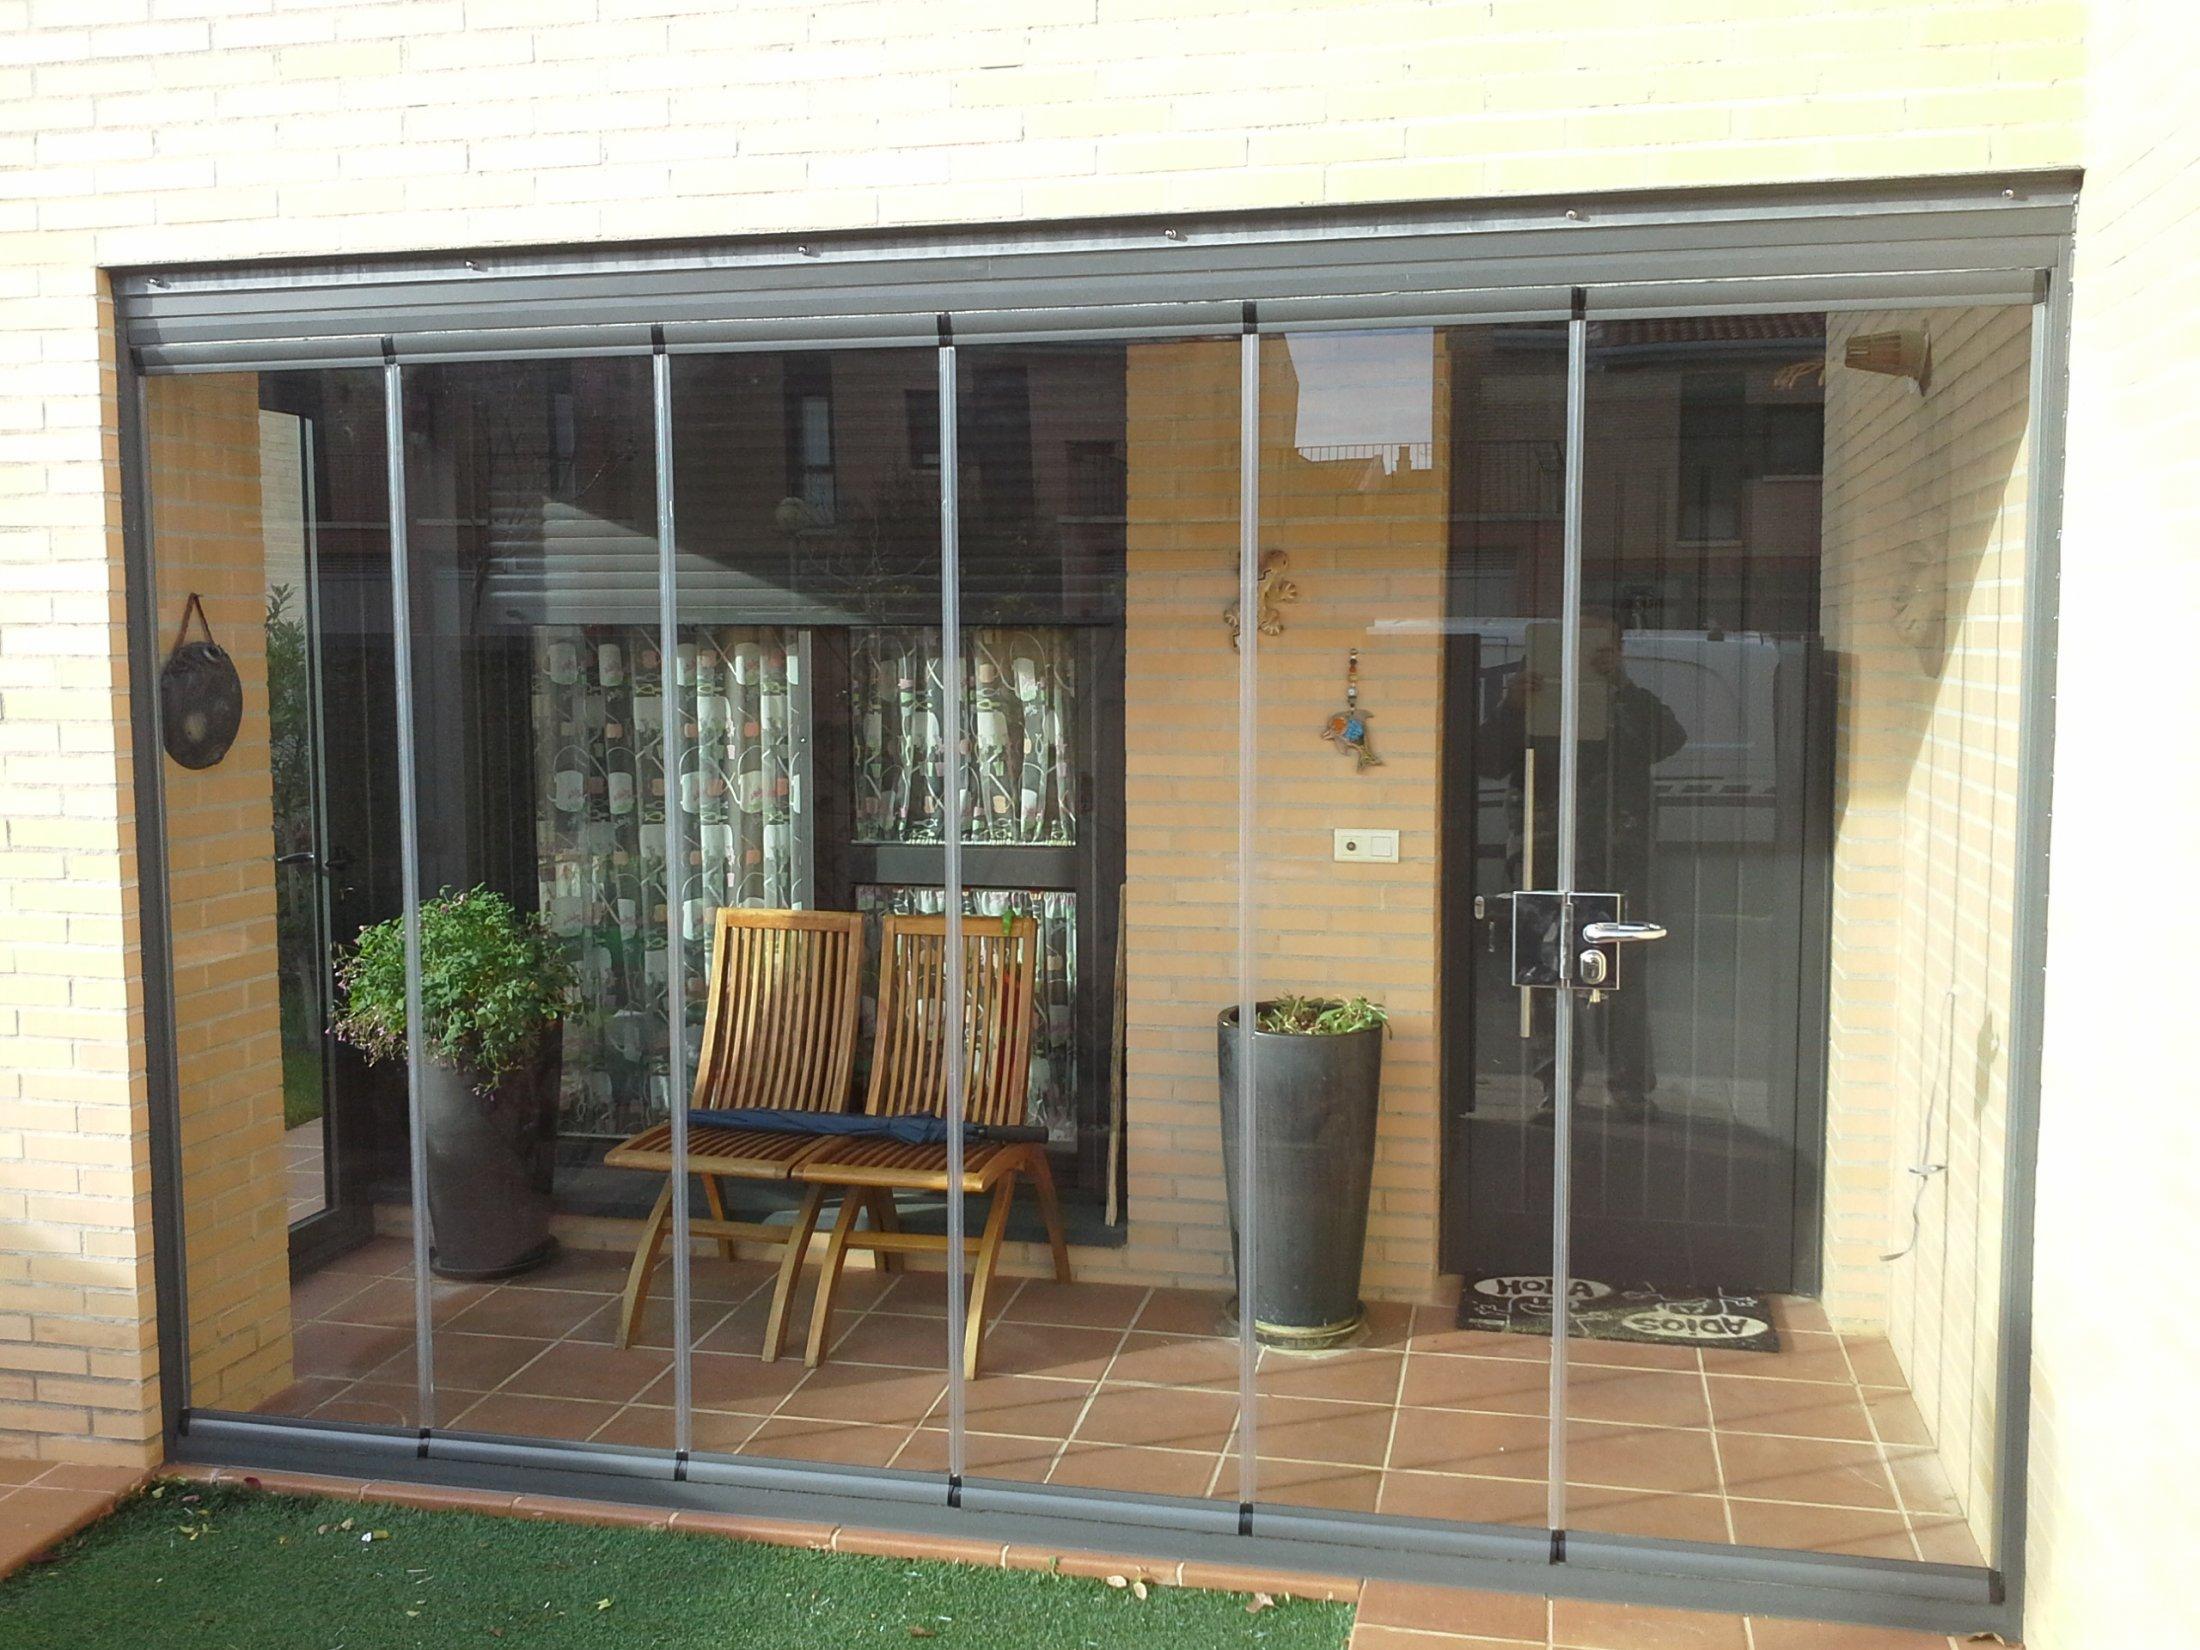 Cerramiento cortina de cristal montajes de aluminio dg - Cerramientos plegables de vidrio ...